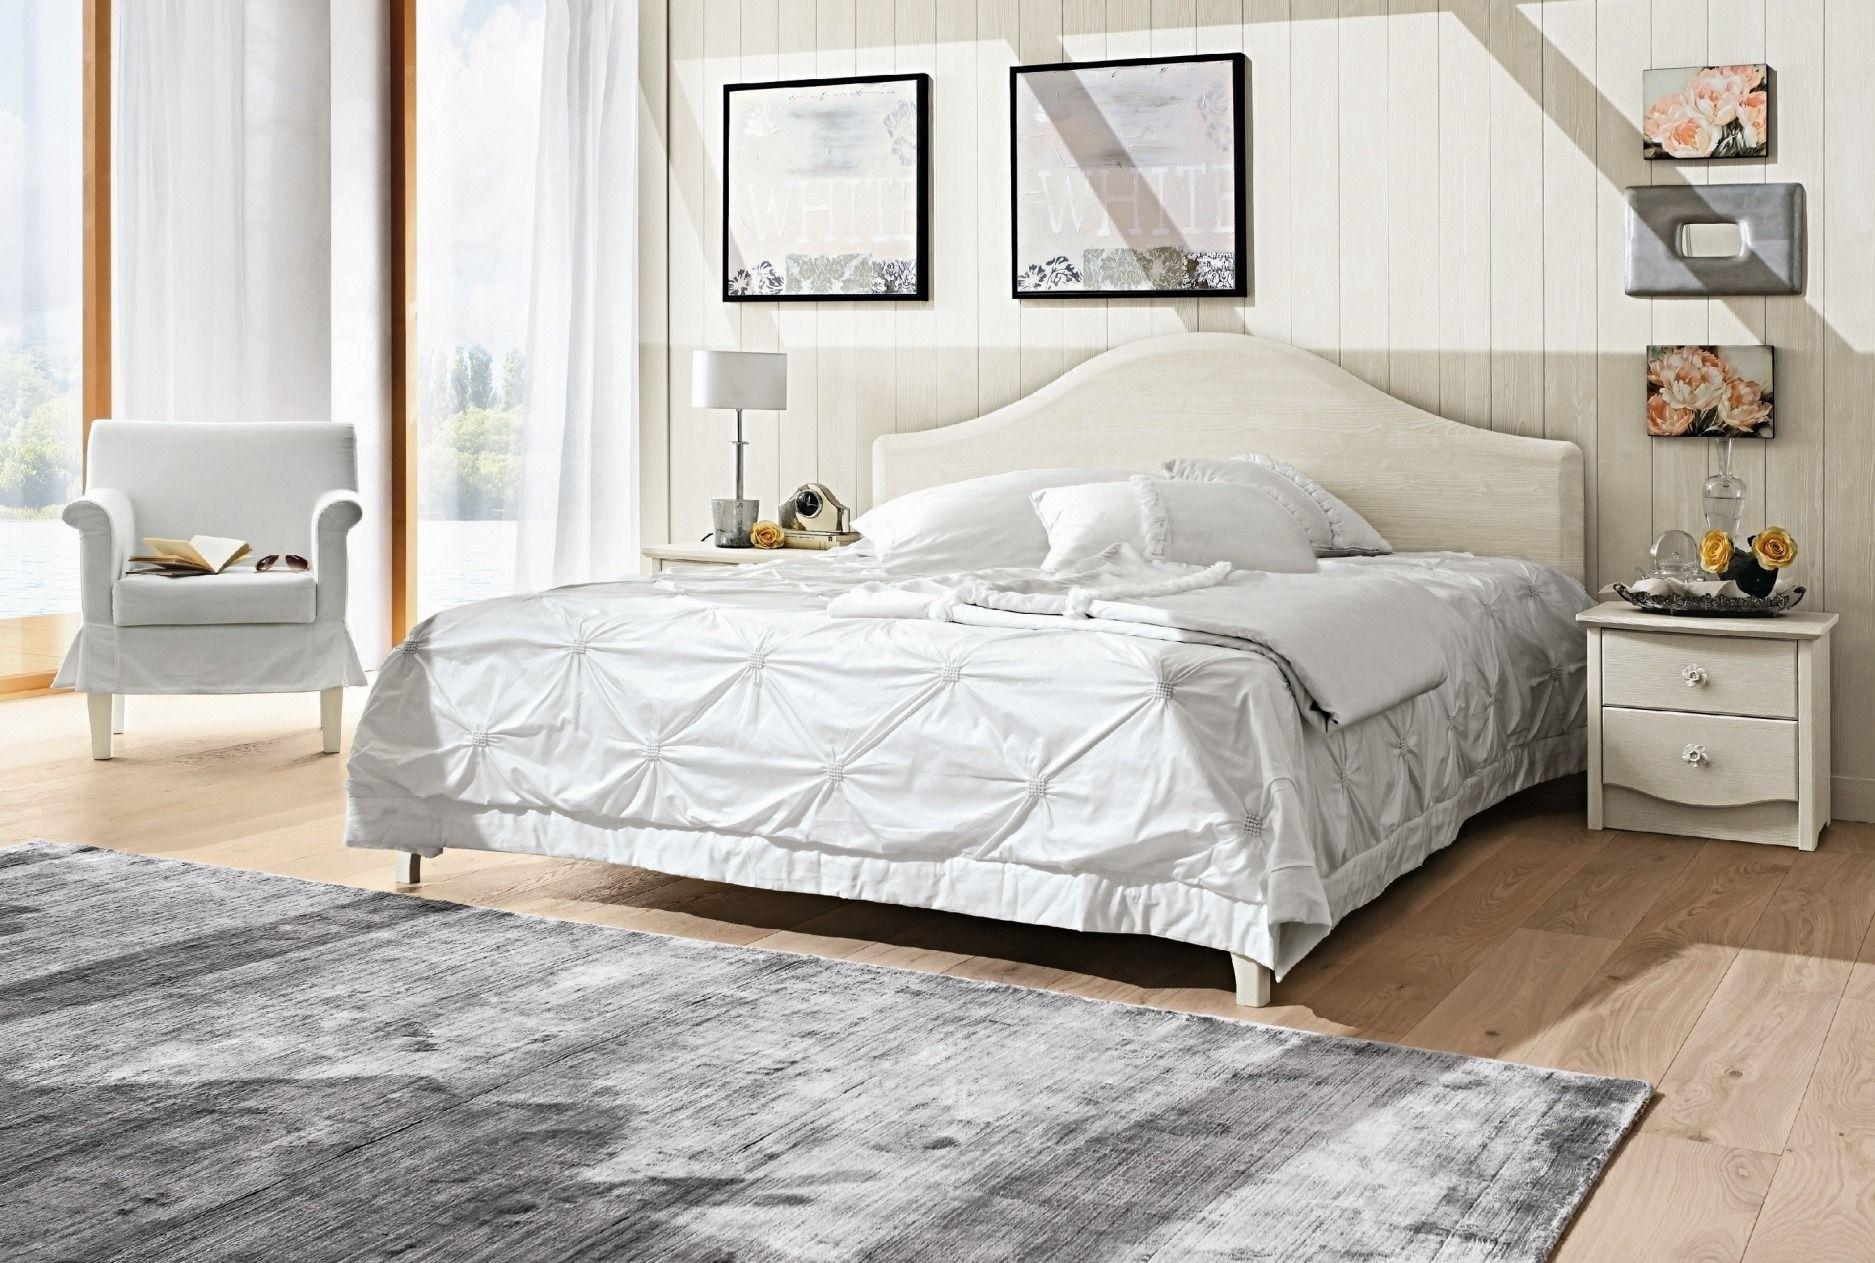 Camera da letto in legno every day night composizione 05 for Camera letto legno